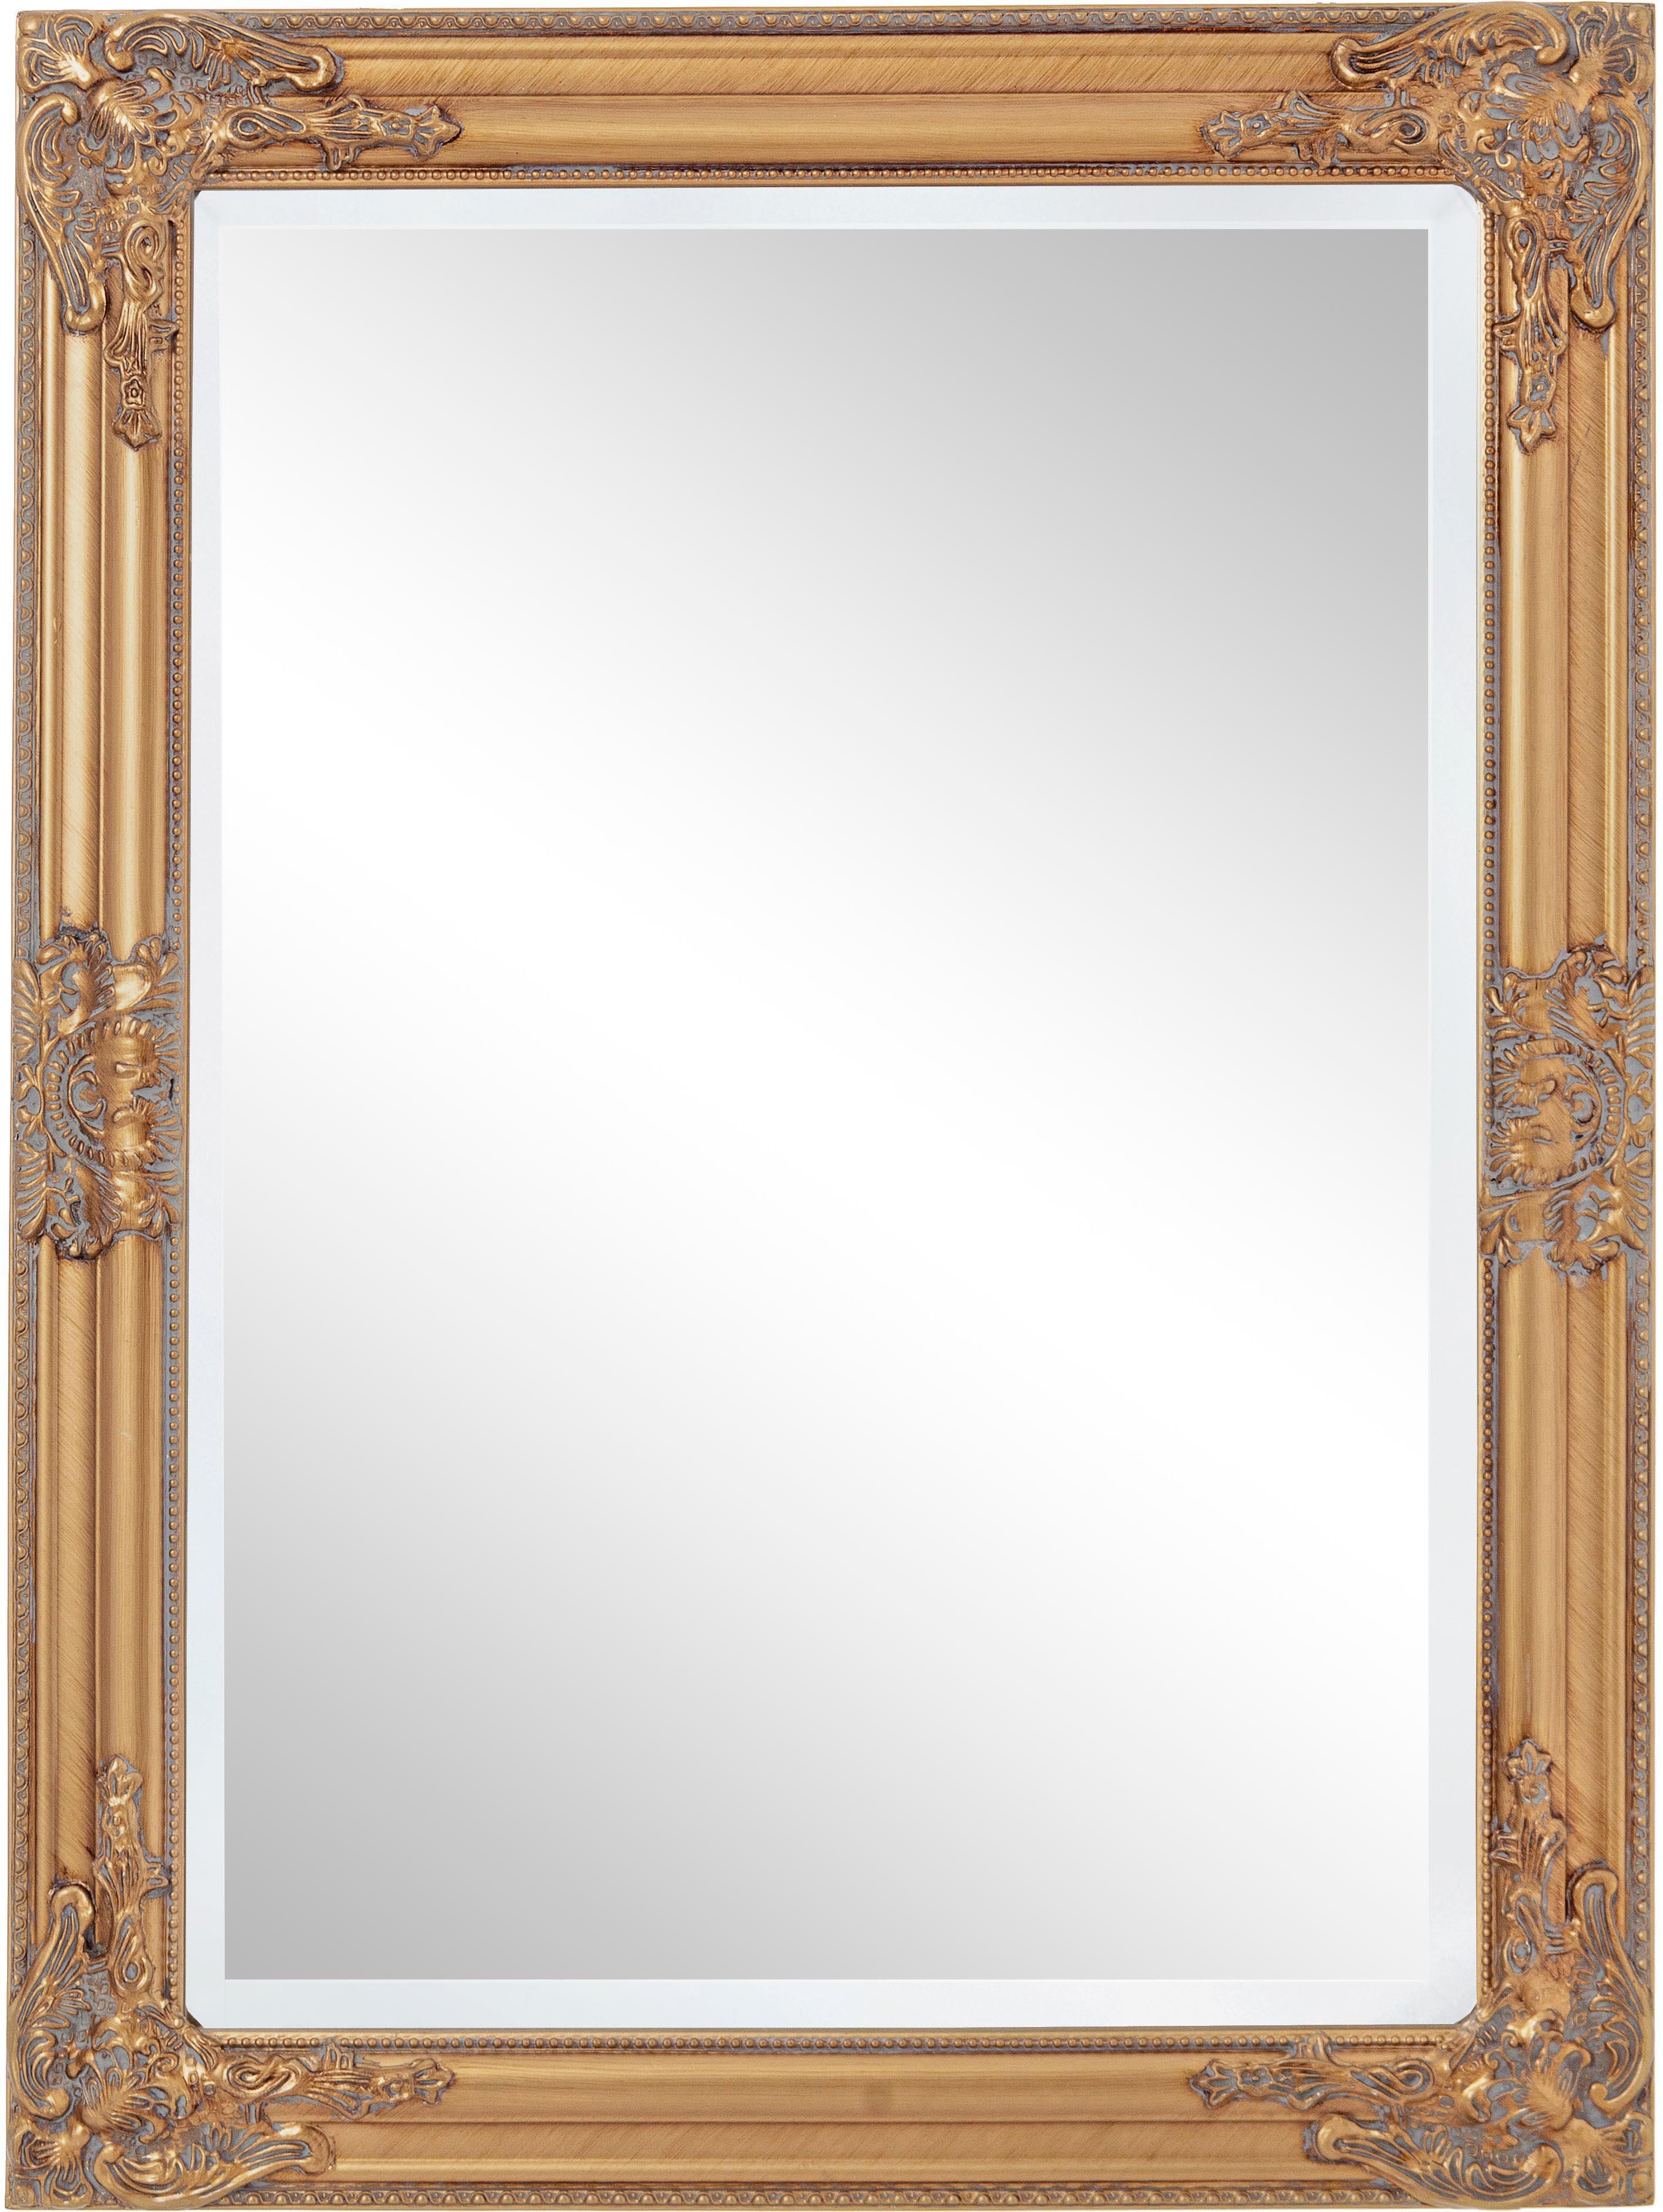 Wandspiegel Miro met goudkleurige lijst in antieke look, Lijst: gecoat hout, Goudkleurig, 62 x 82 cm